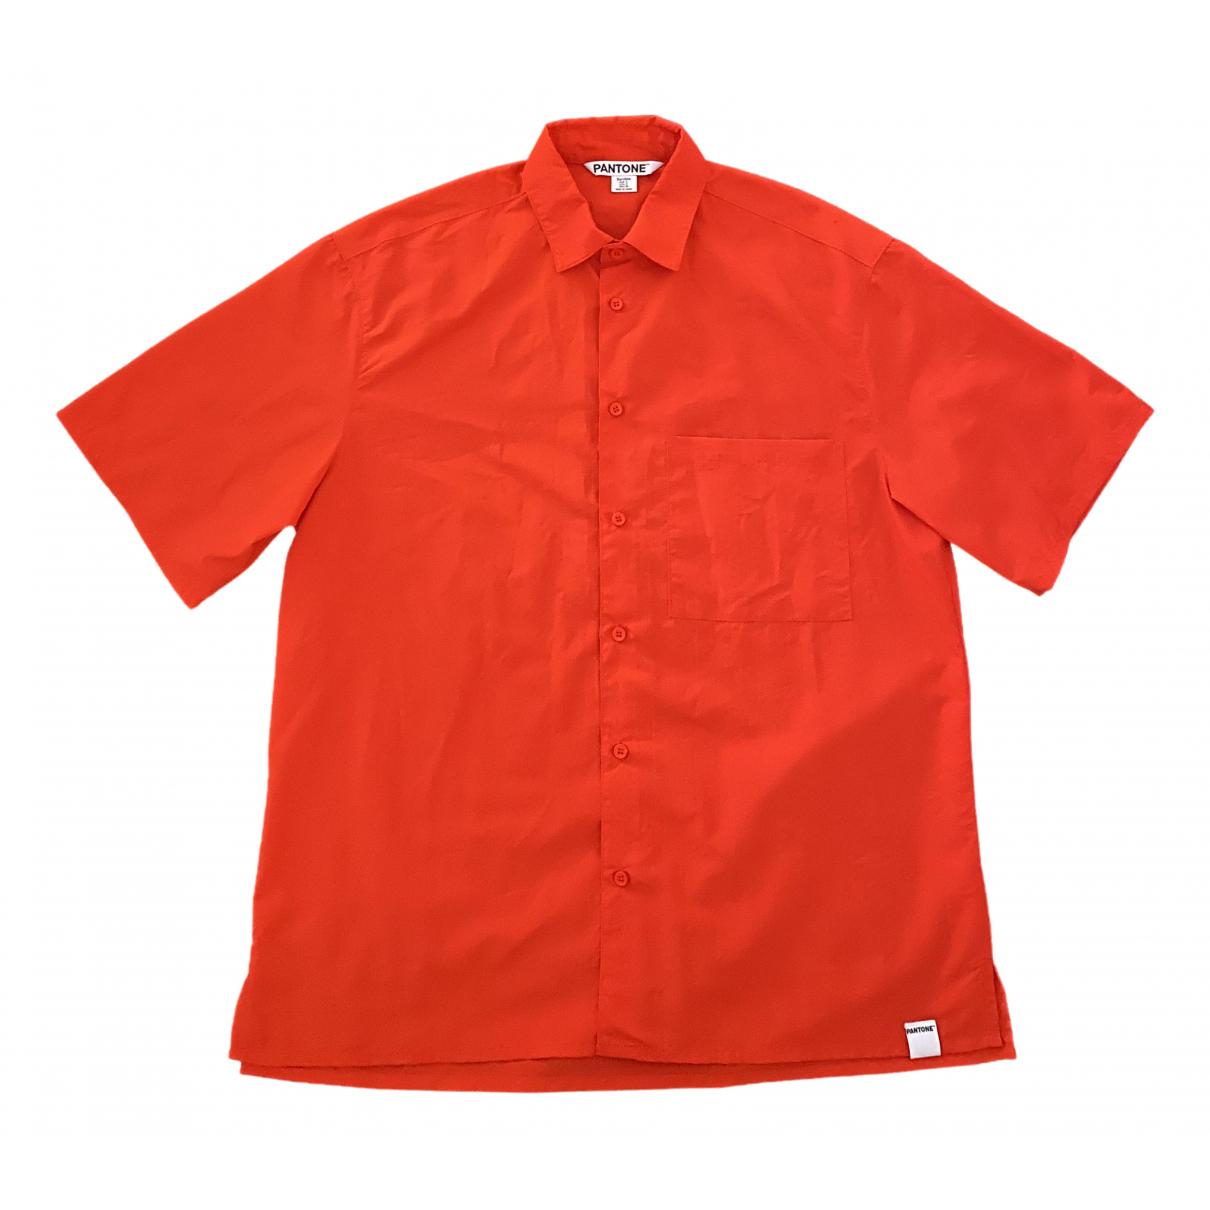 Pantone \N Orange Shirts for Men S International